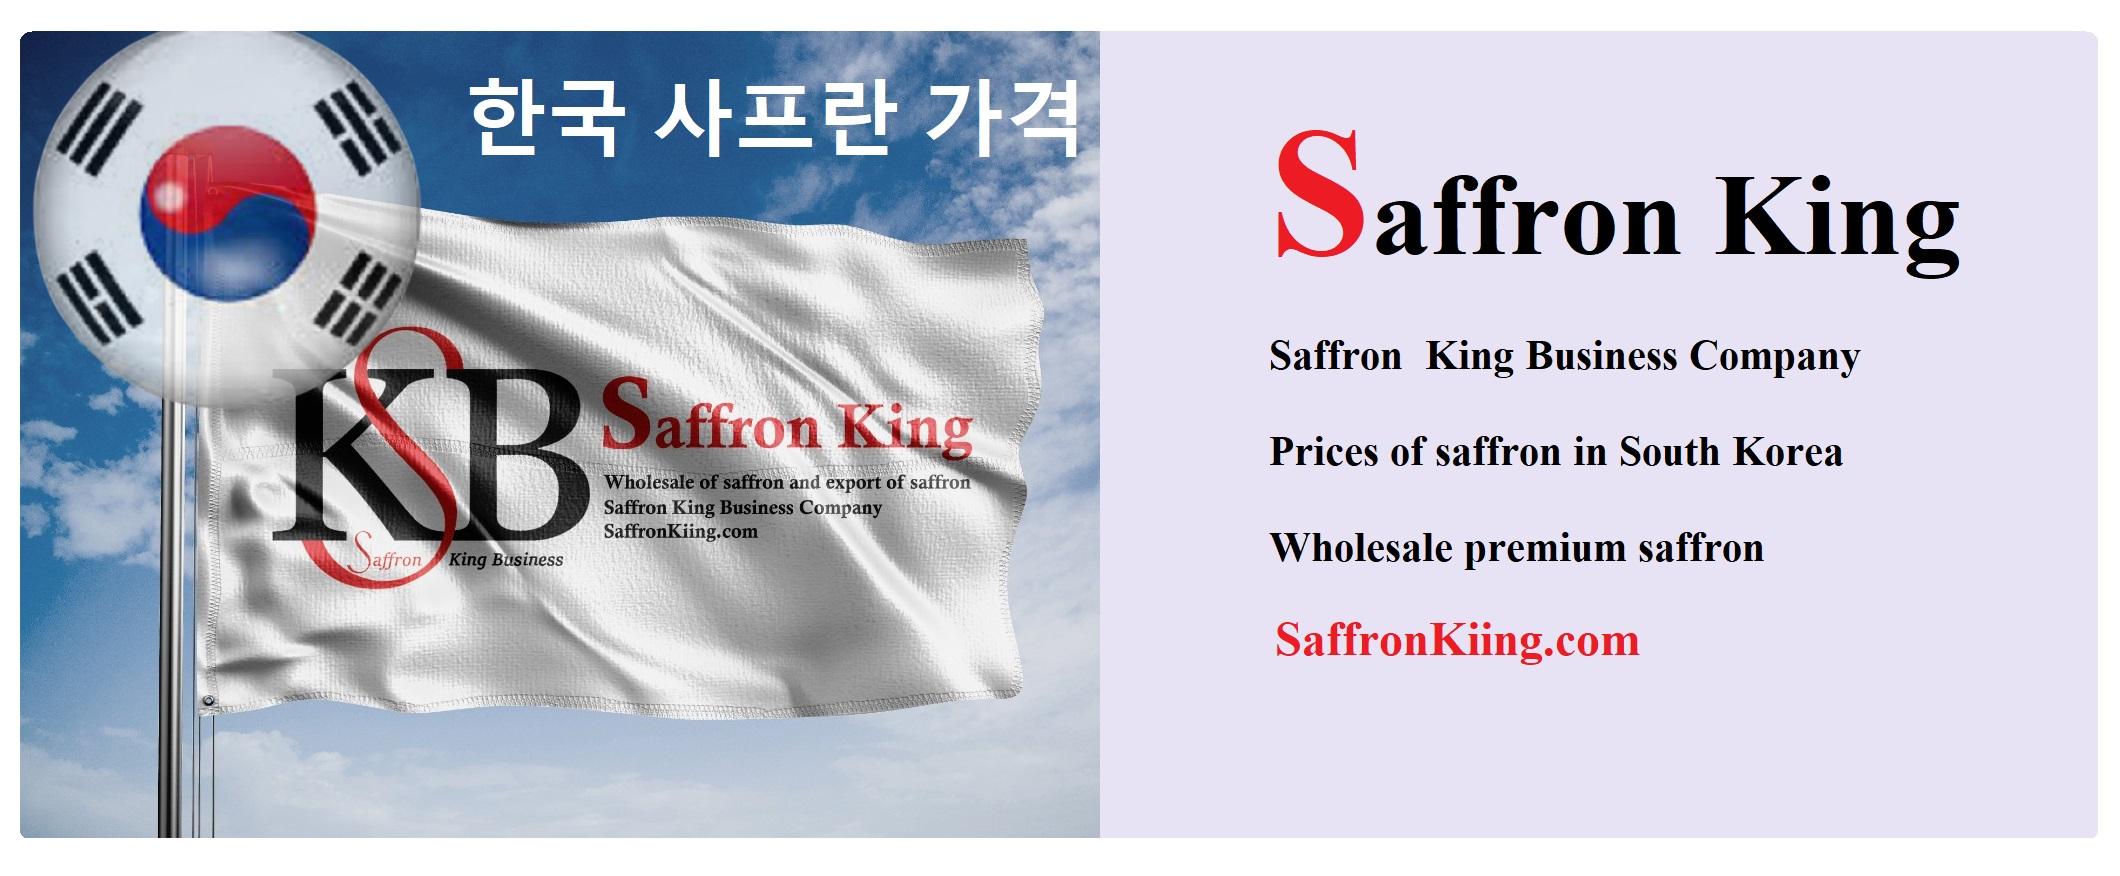 한국 사프란 가격